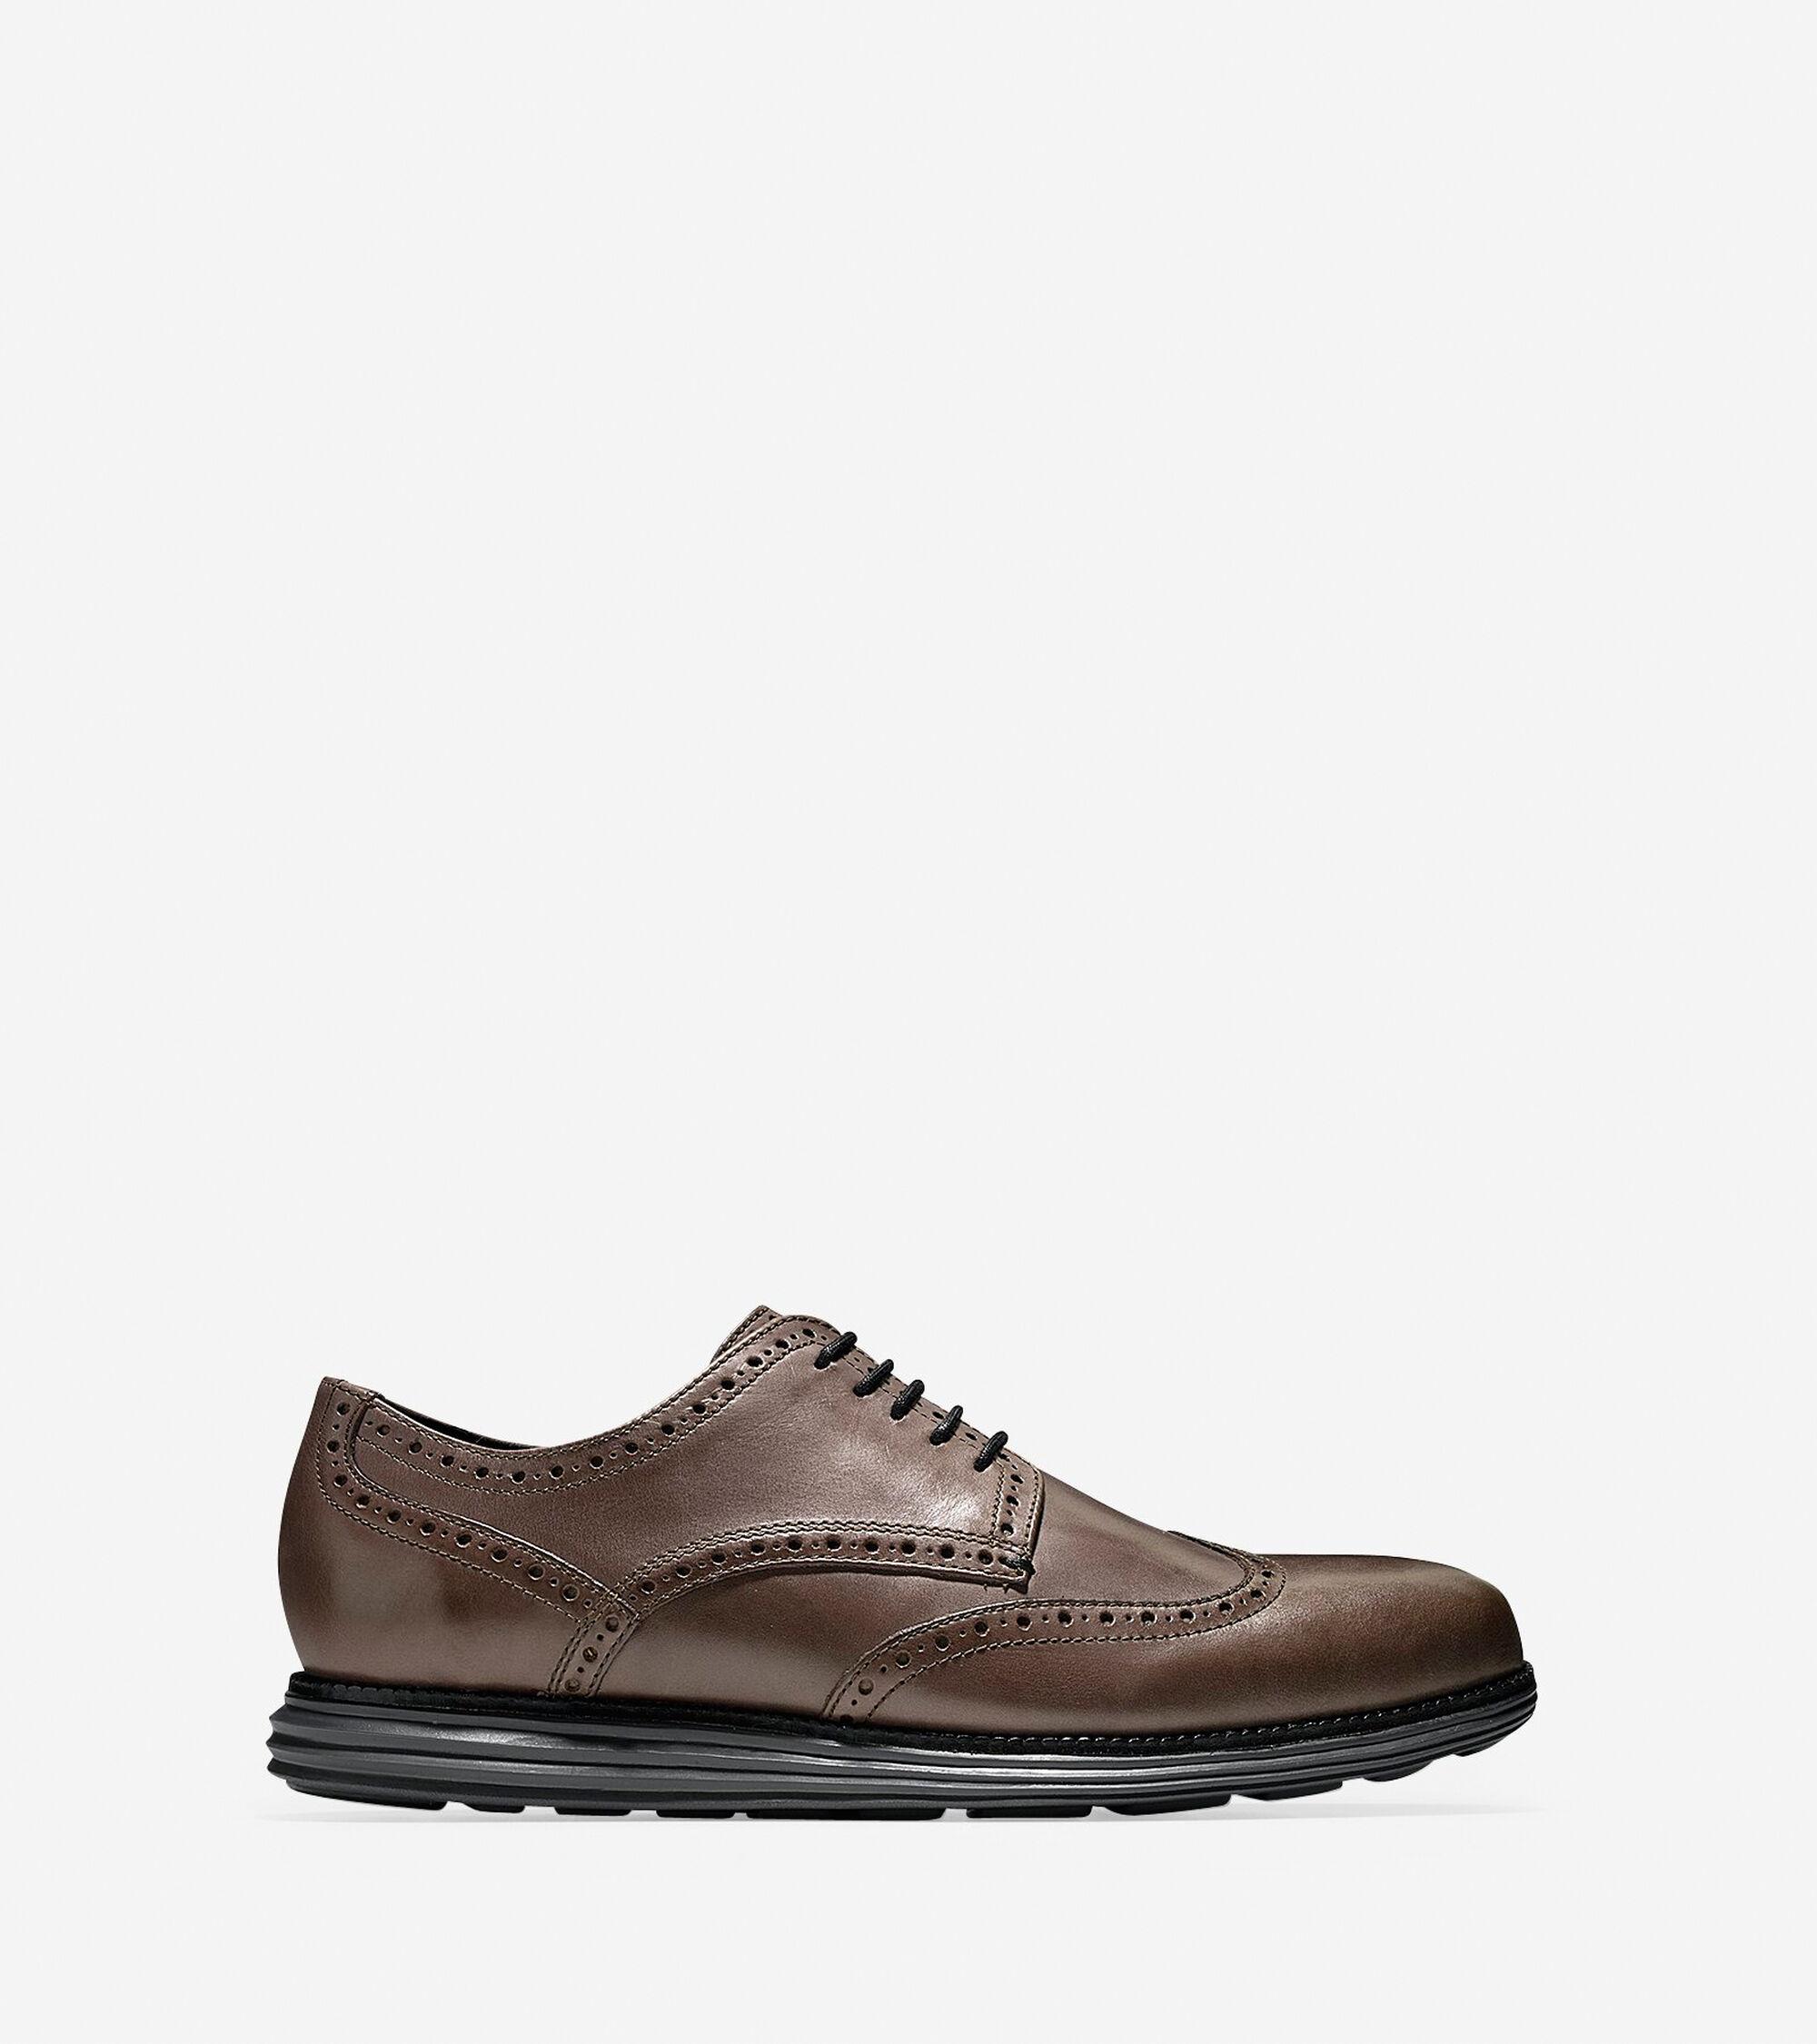 Cole Haan Men's OriginalGrand Wingtip Oxford Shoes